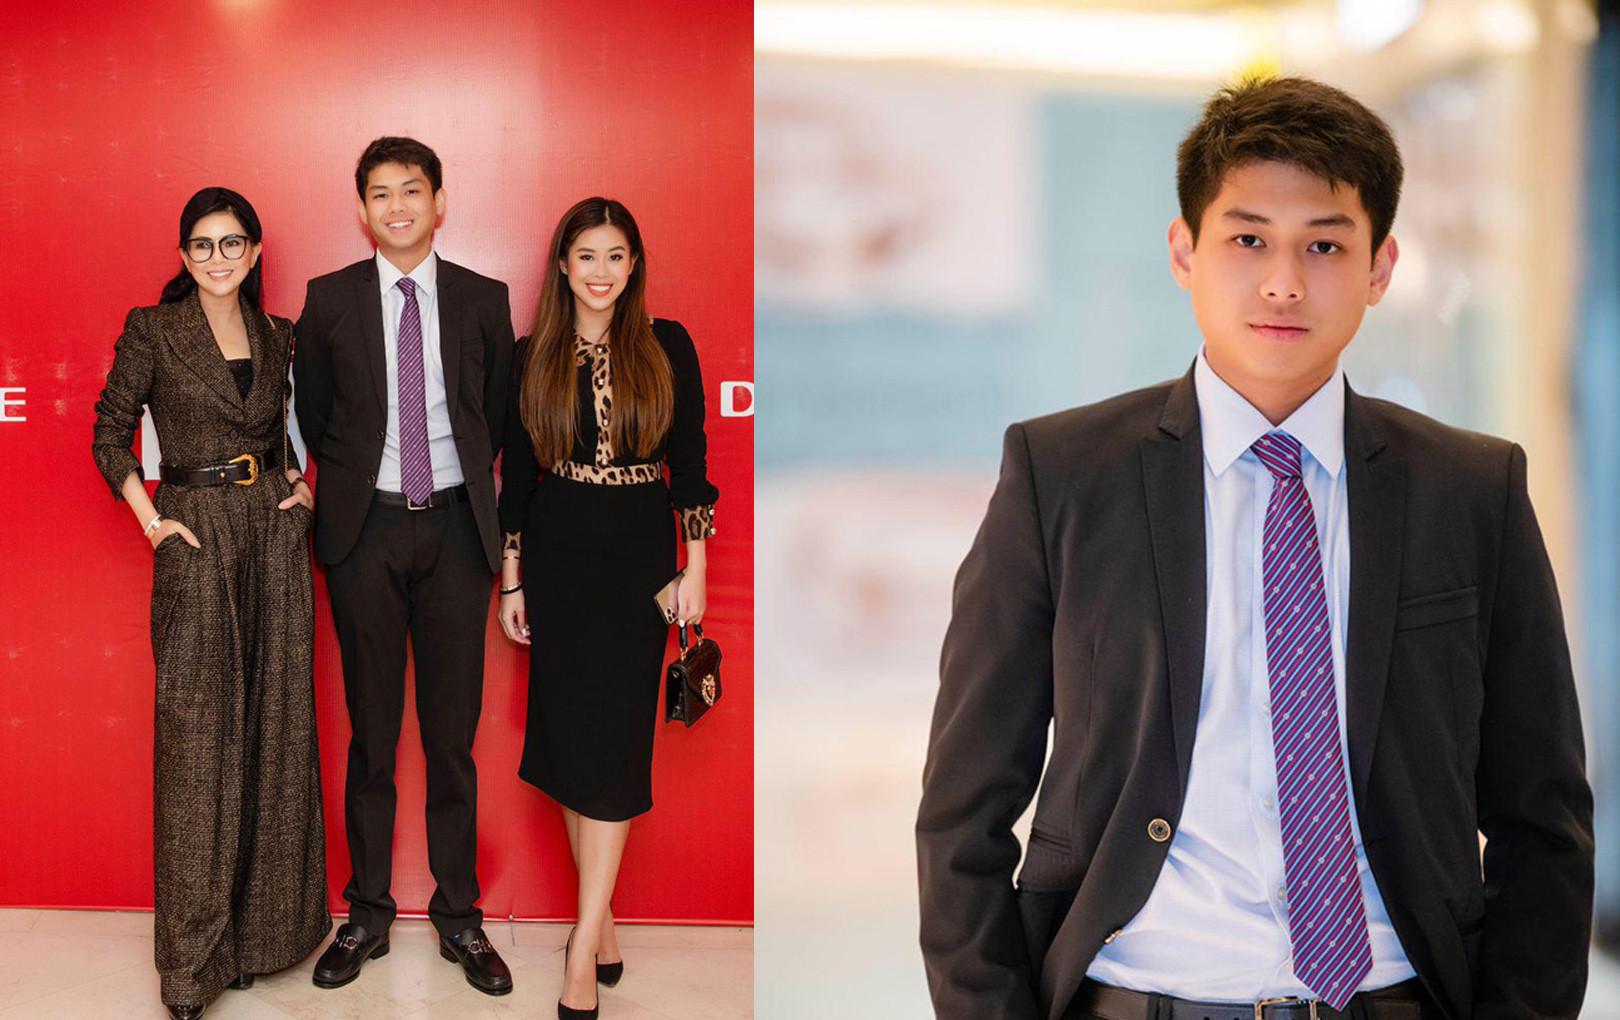 Cả gia đình tỷ phú Johnathan Hạnh Nguyễn dự sự kiện, Tiên Nguyễn - Hiếu Nguyễn chiếm hết spotlight của 2 anh trai đình đám